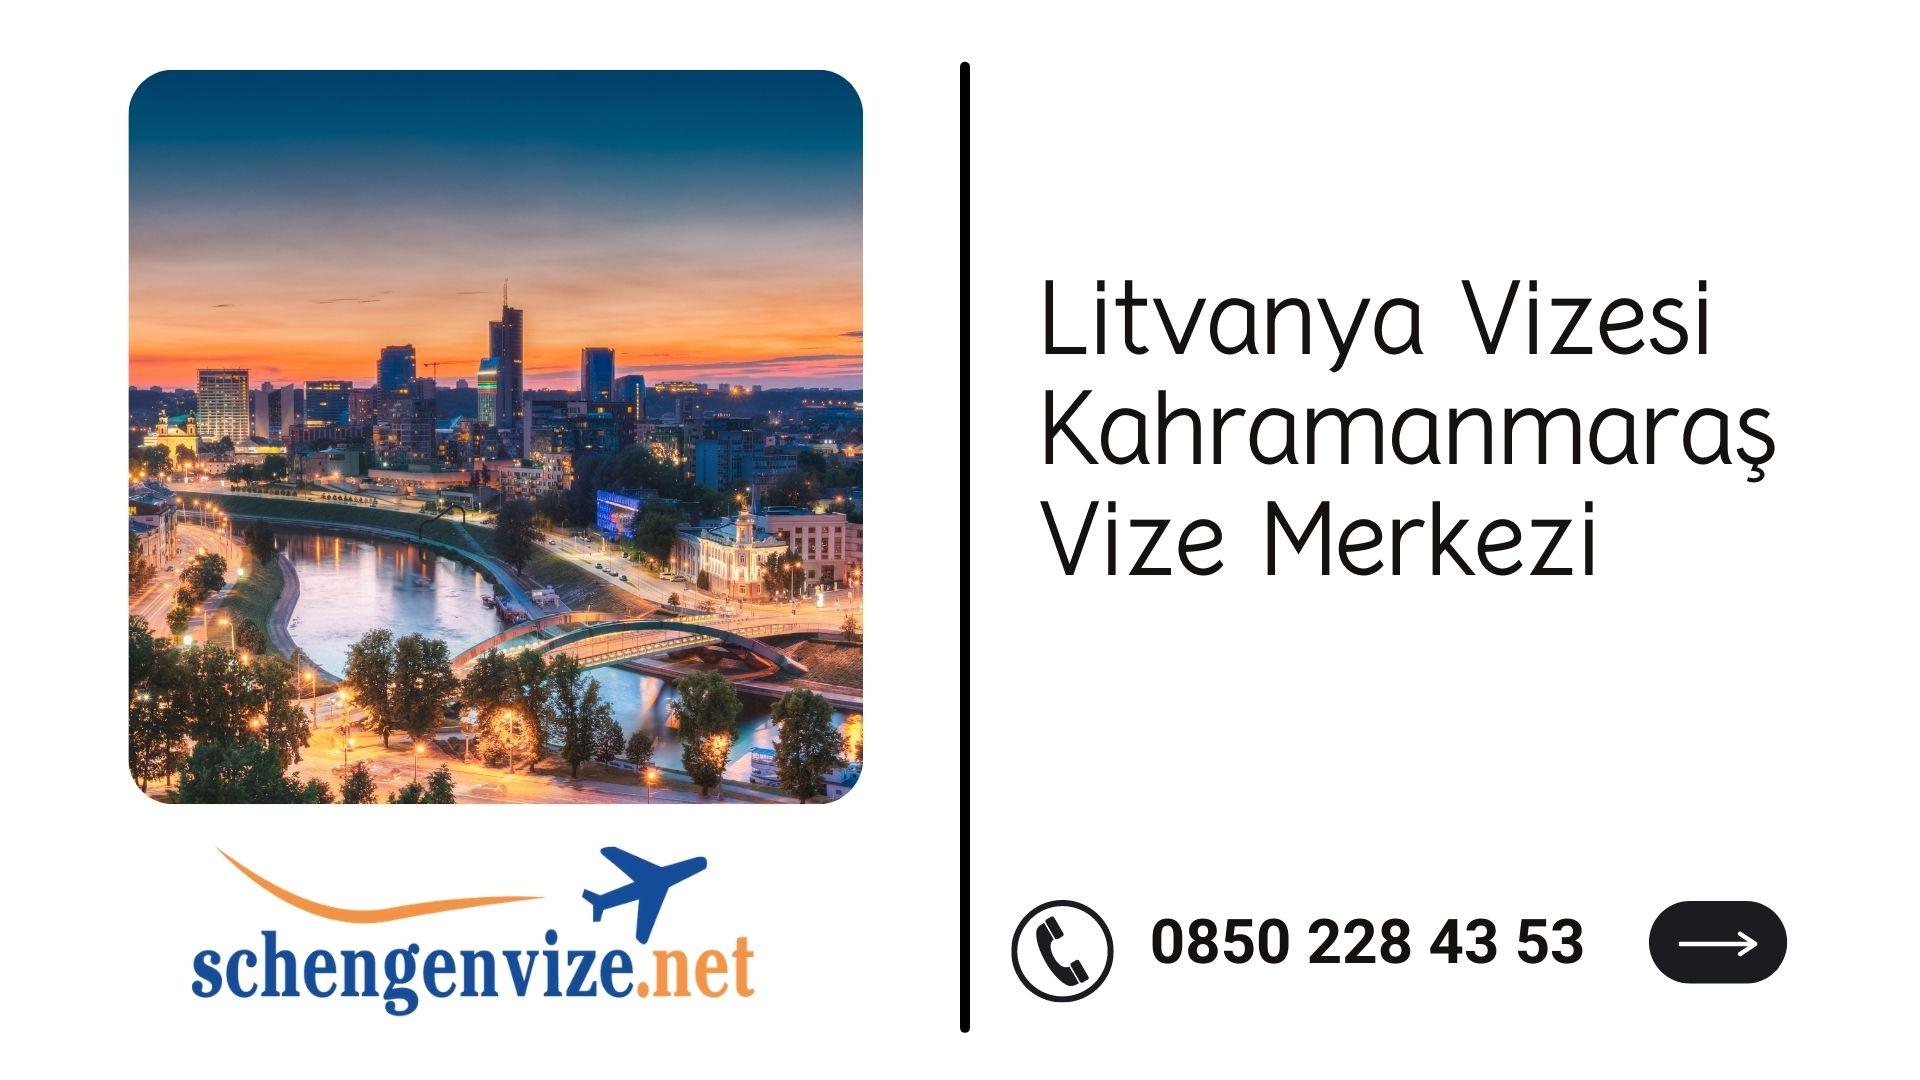 Litvanya Vizesi Kahramanmaraş Vize Merkezi